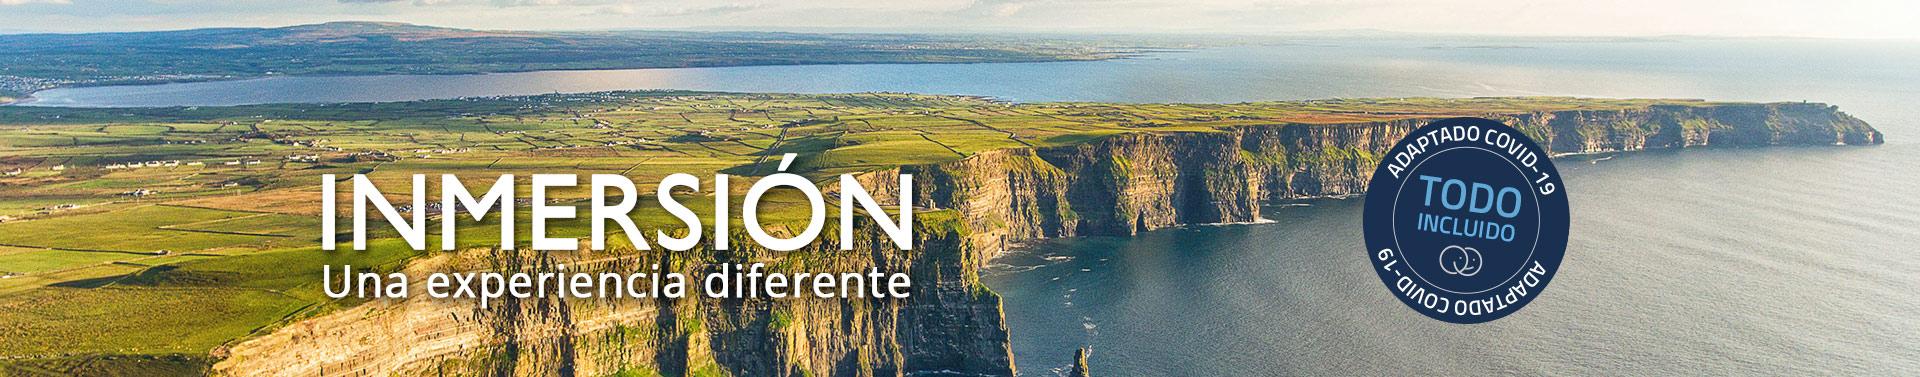 Inmersión en Irlanda